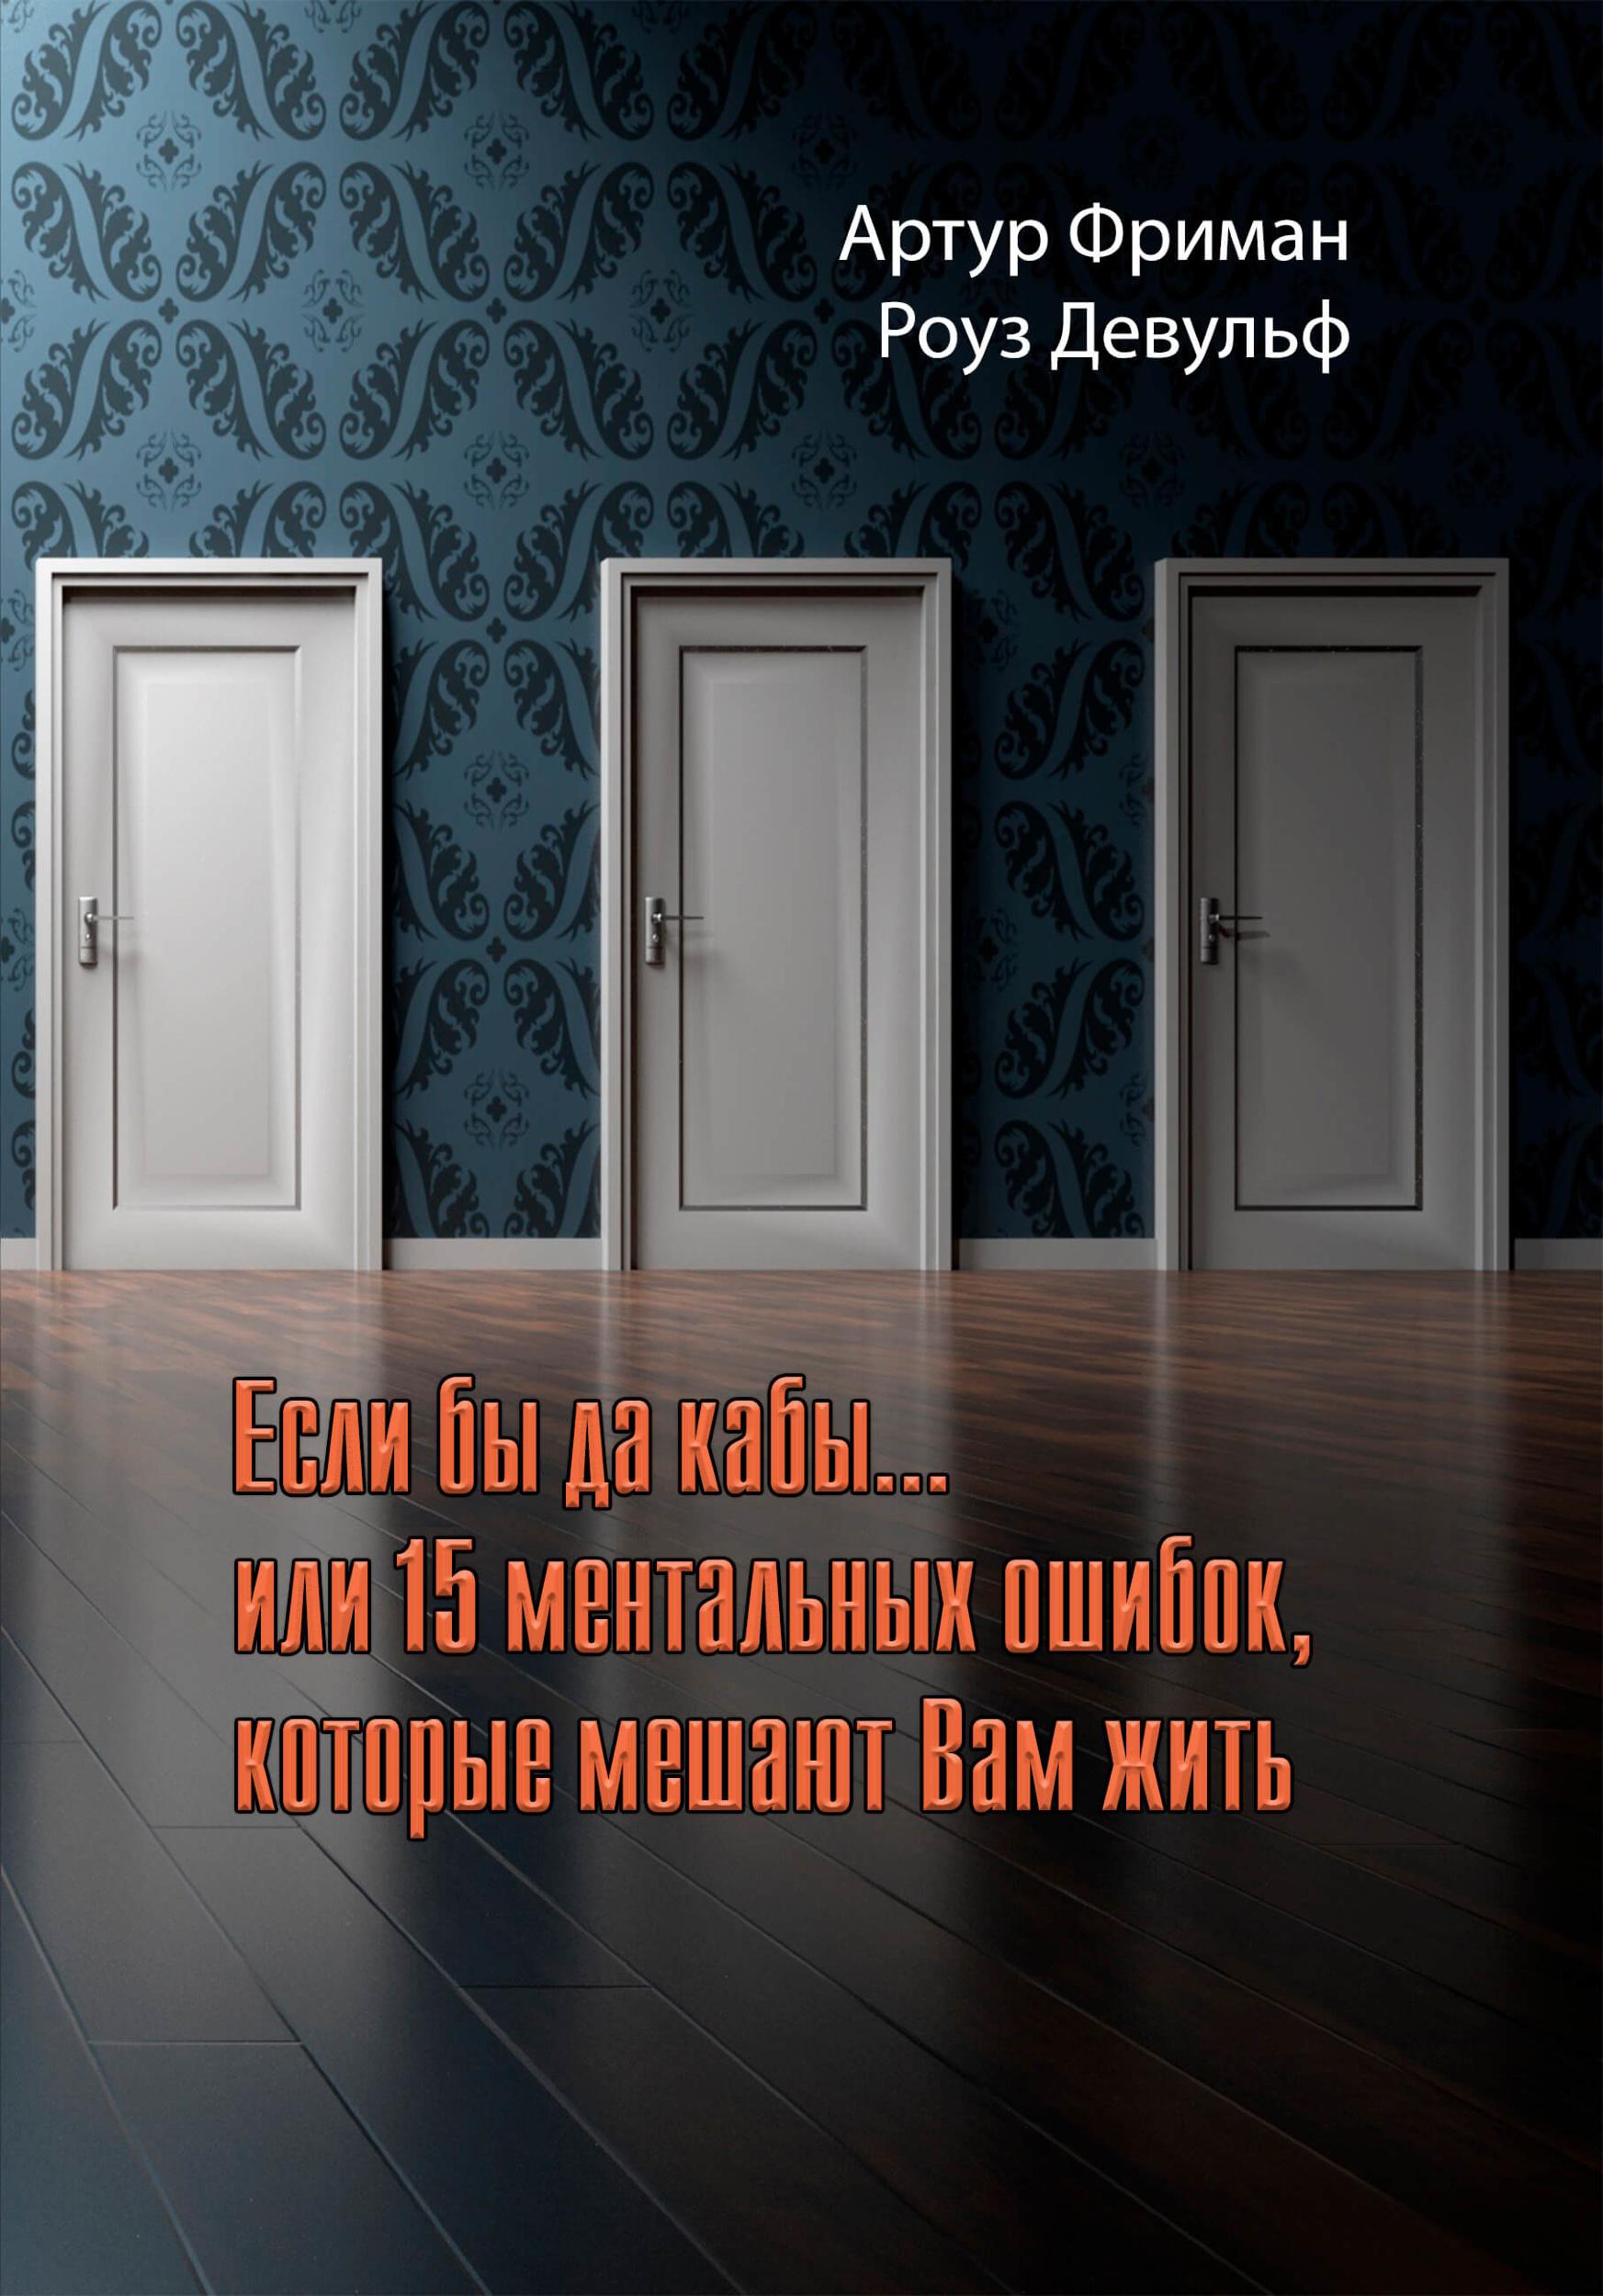 Если бы да кабы...или 15 ментальных ошибок, которые мешают нам жить. Автор — Артур Фриман, Роуз Девульф. Переплет —